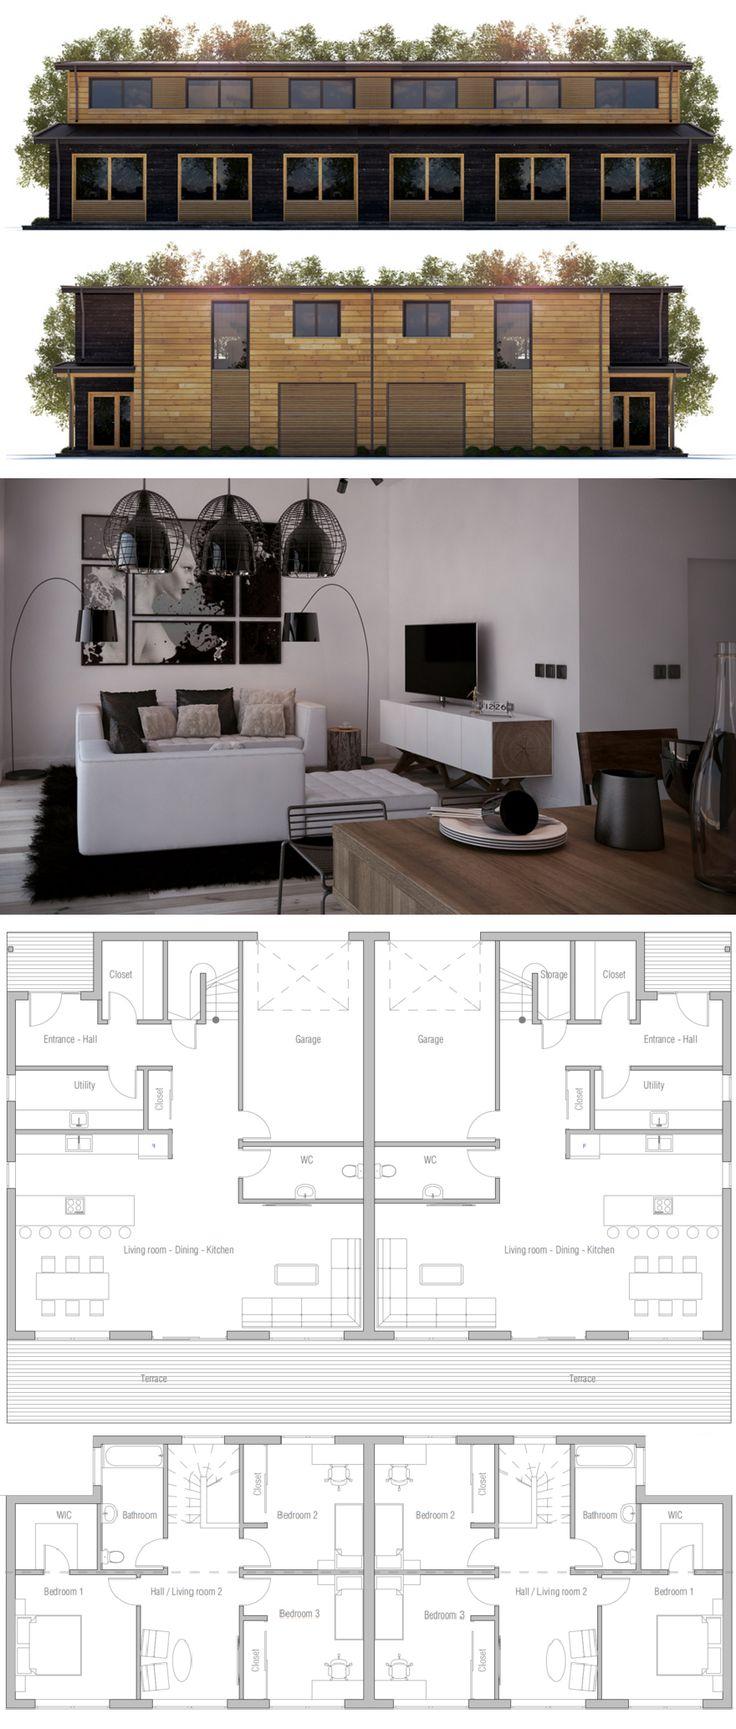 1000 ideas about duplex house on pinterest duplex plans for Up and down duplex plans